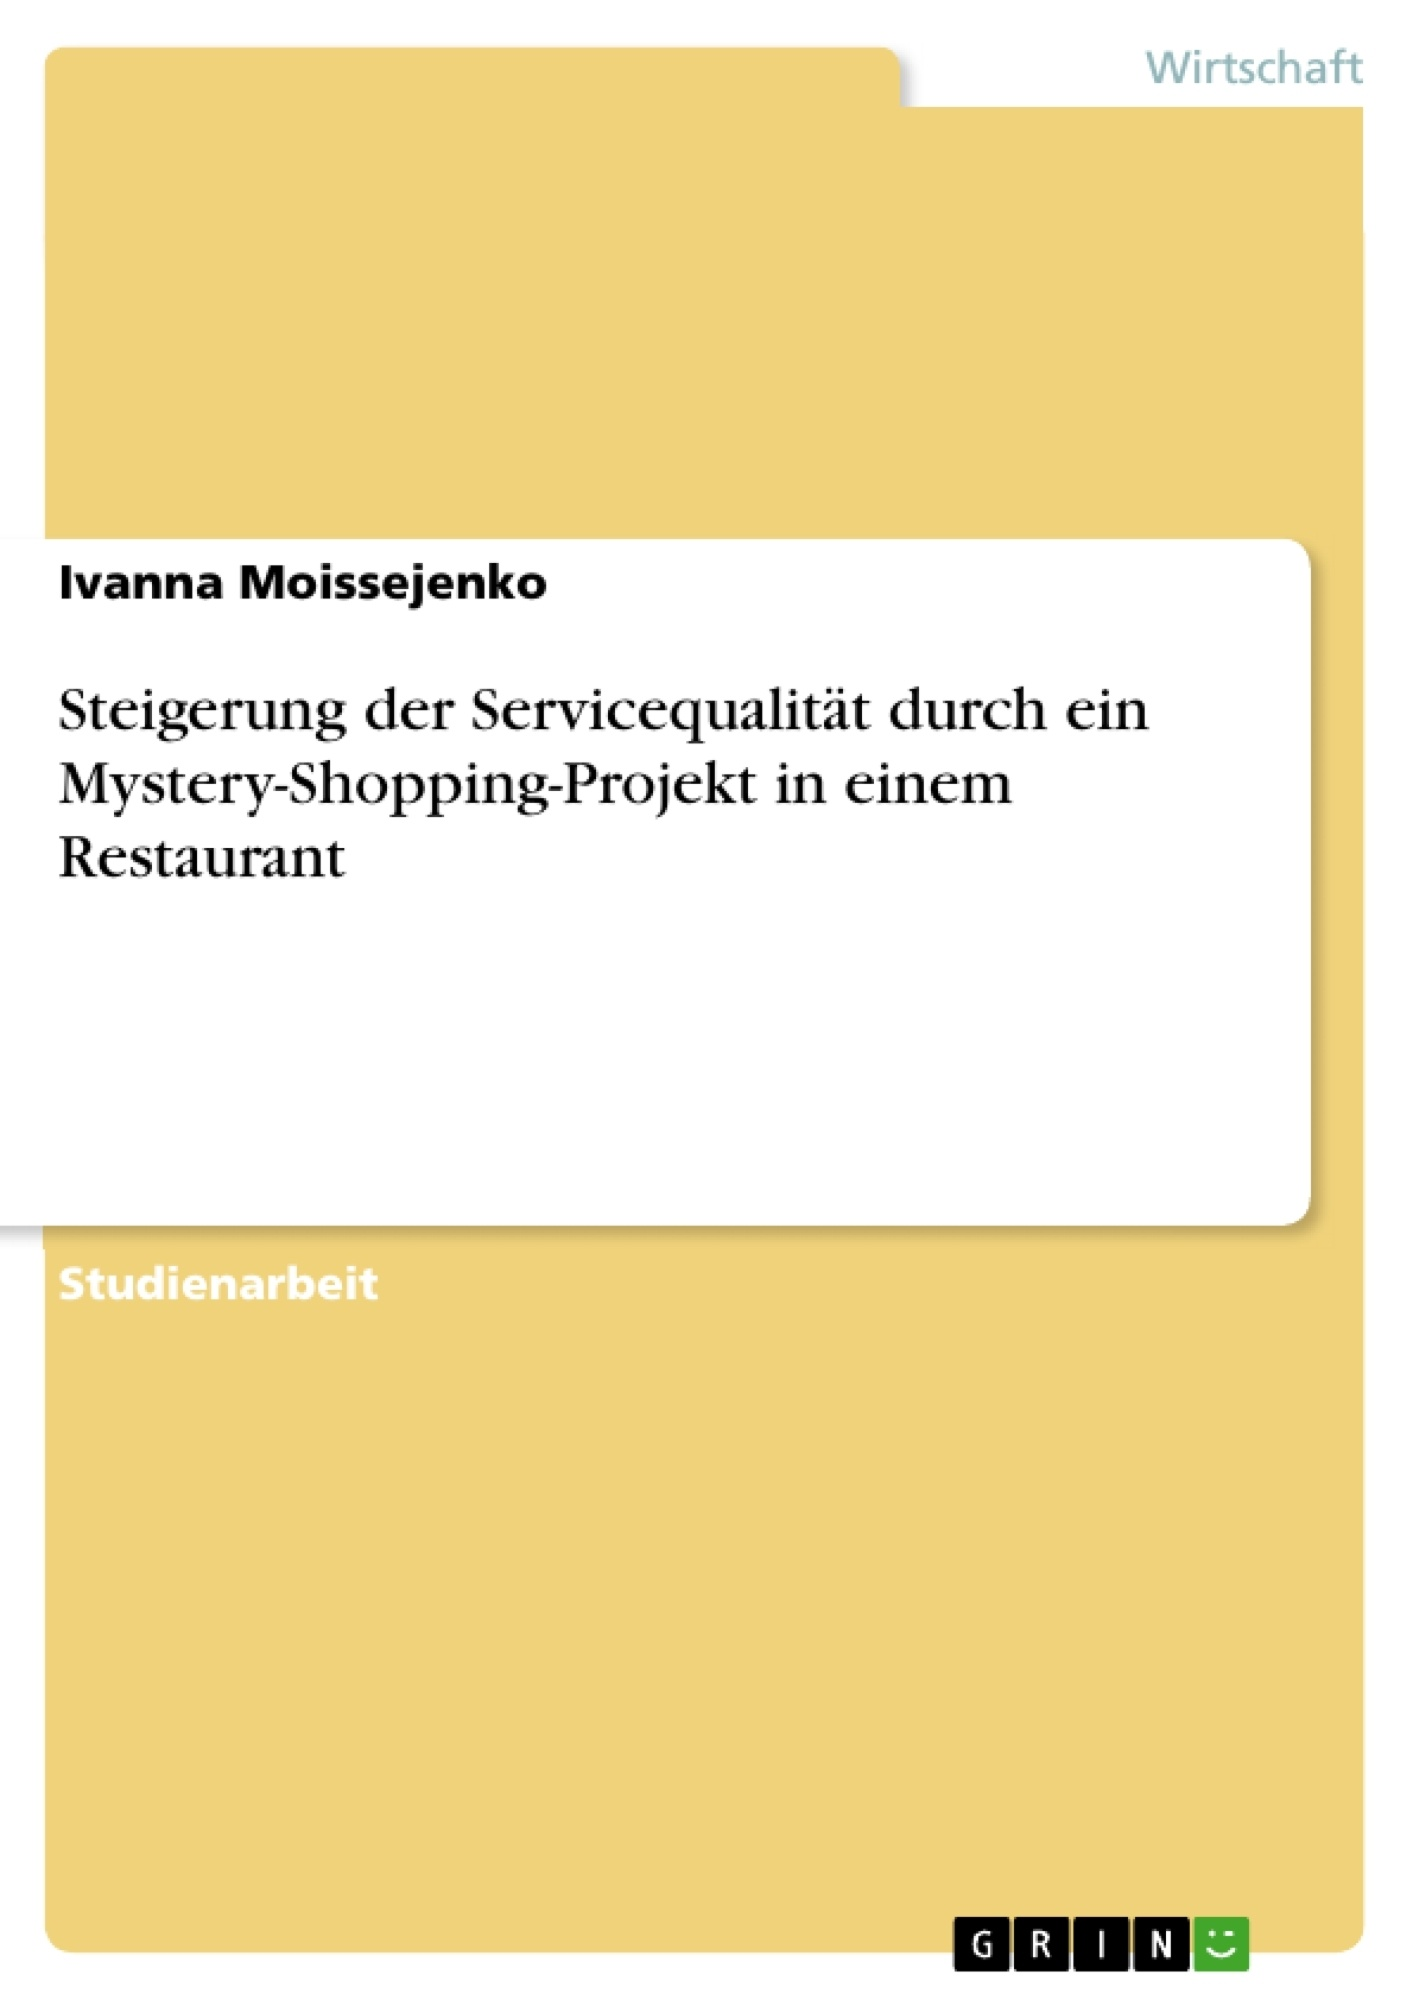 Titel: Steigerung der Servicequalität durch ein Mystery-Shopping-Projekt in einem Restaurant